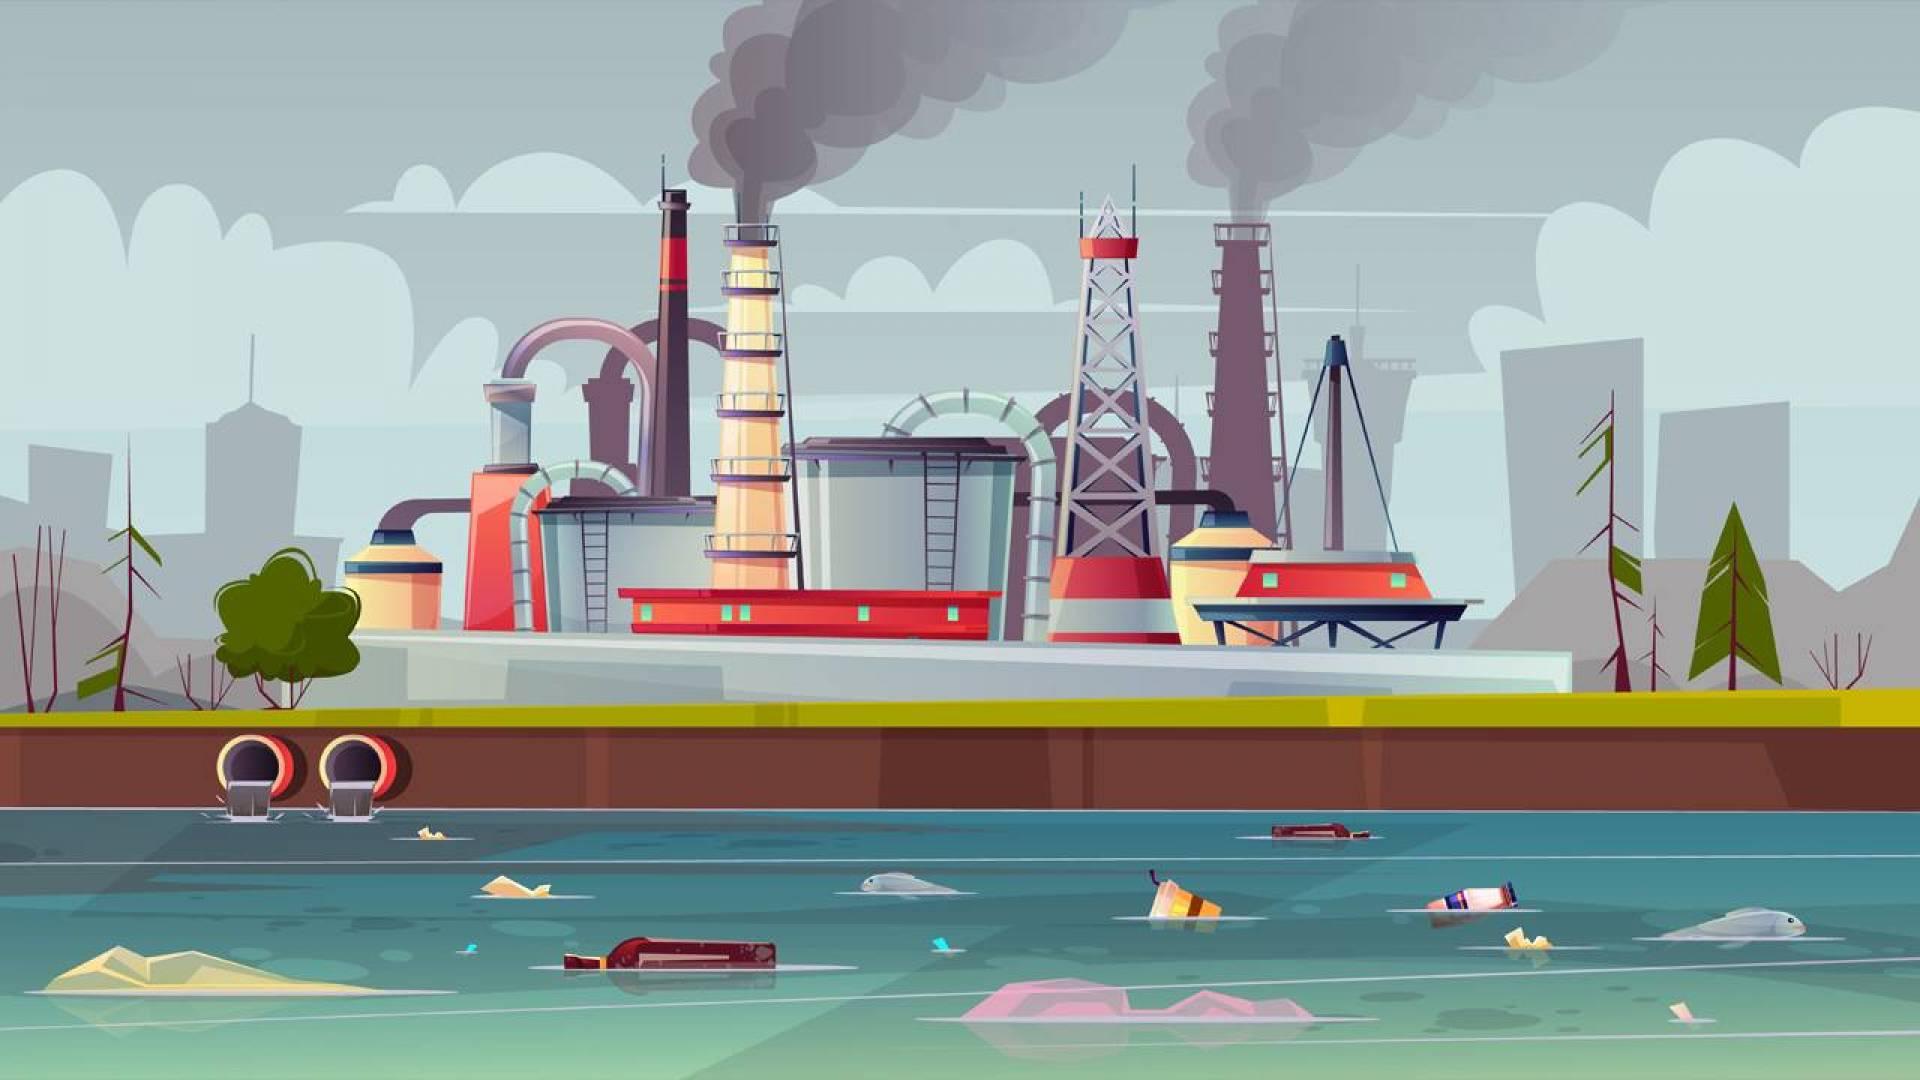 دراسة: التخلص من الانبعاثات عالمياً سيتطلب استثمارات بقيمة 2 تريليون دولار سنوياً